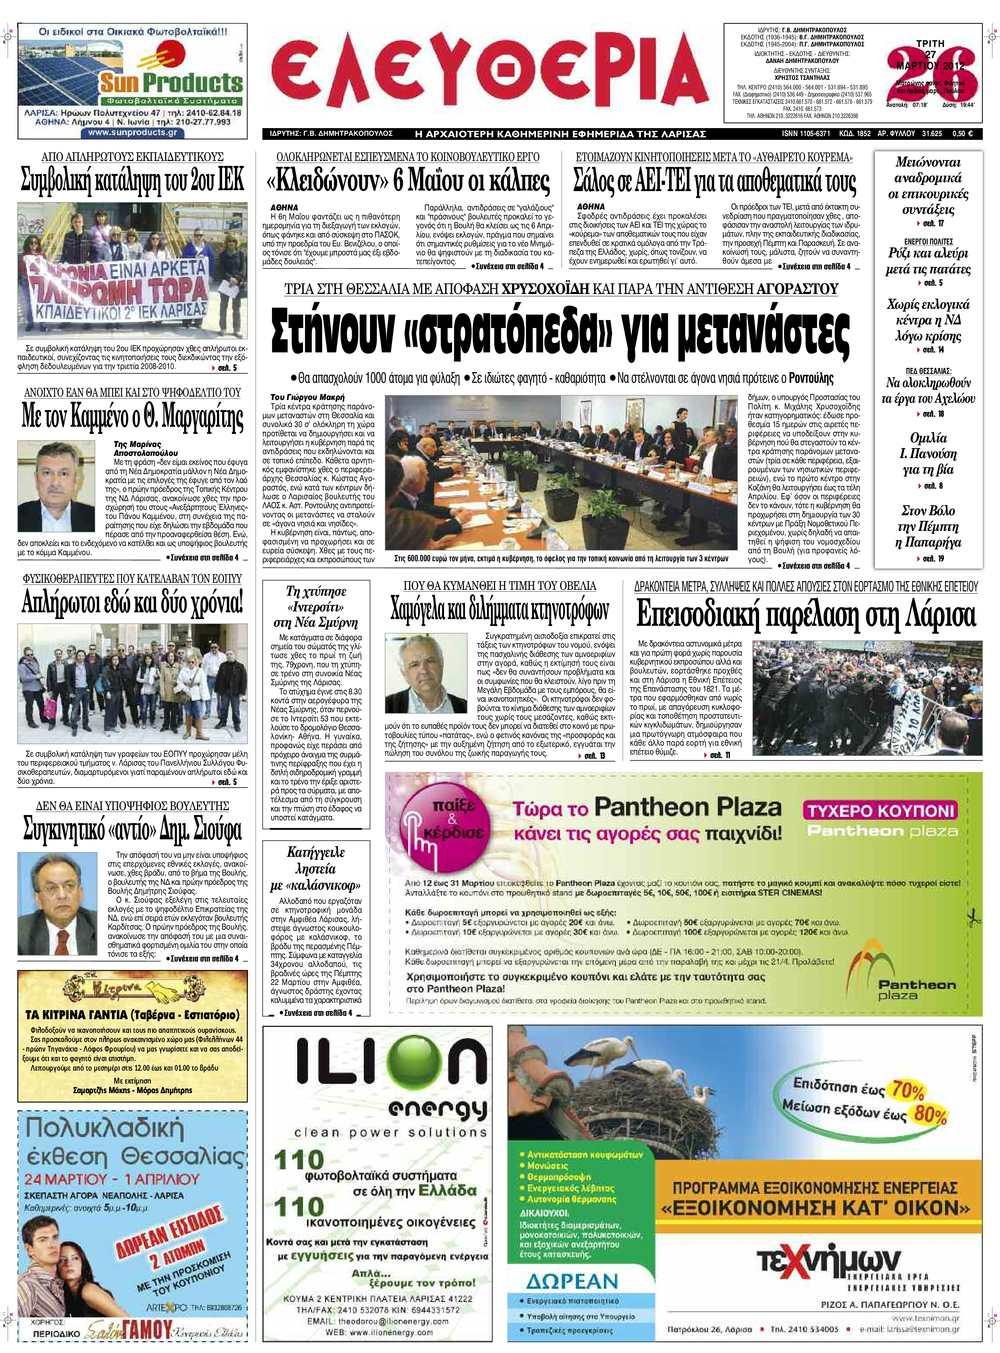 Calaméo - Eleftheria.gr 27 03 2012 a49faa2dfeb